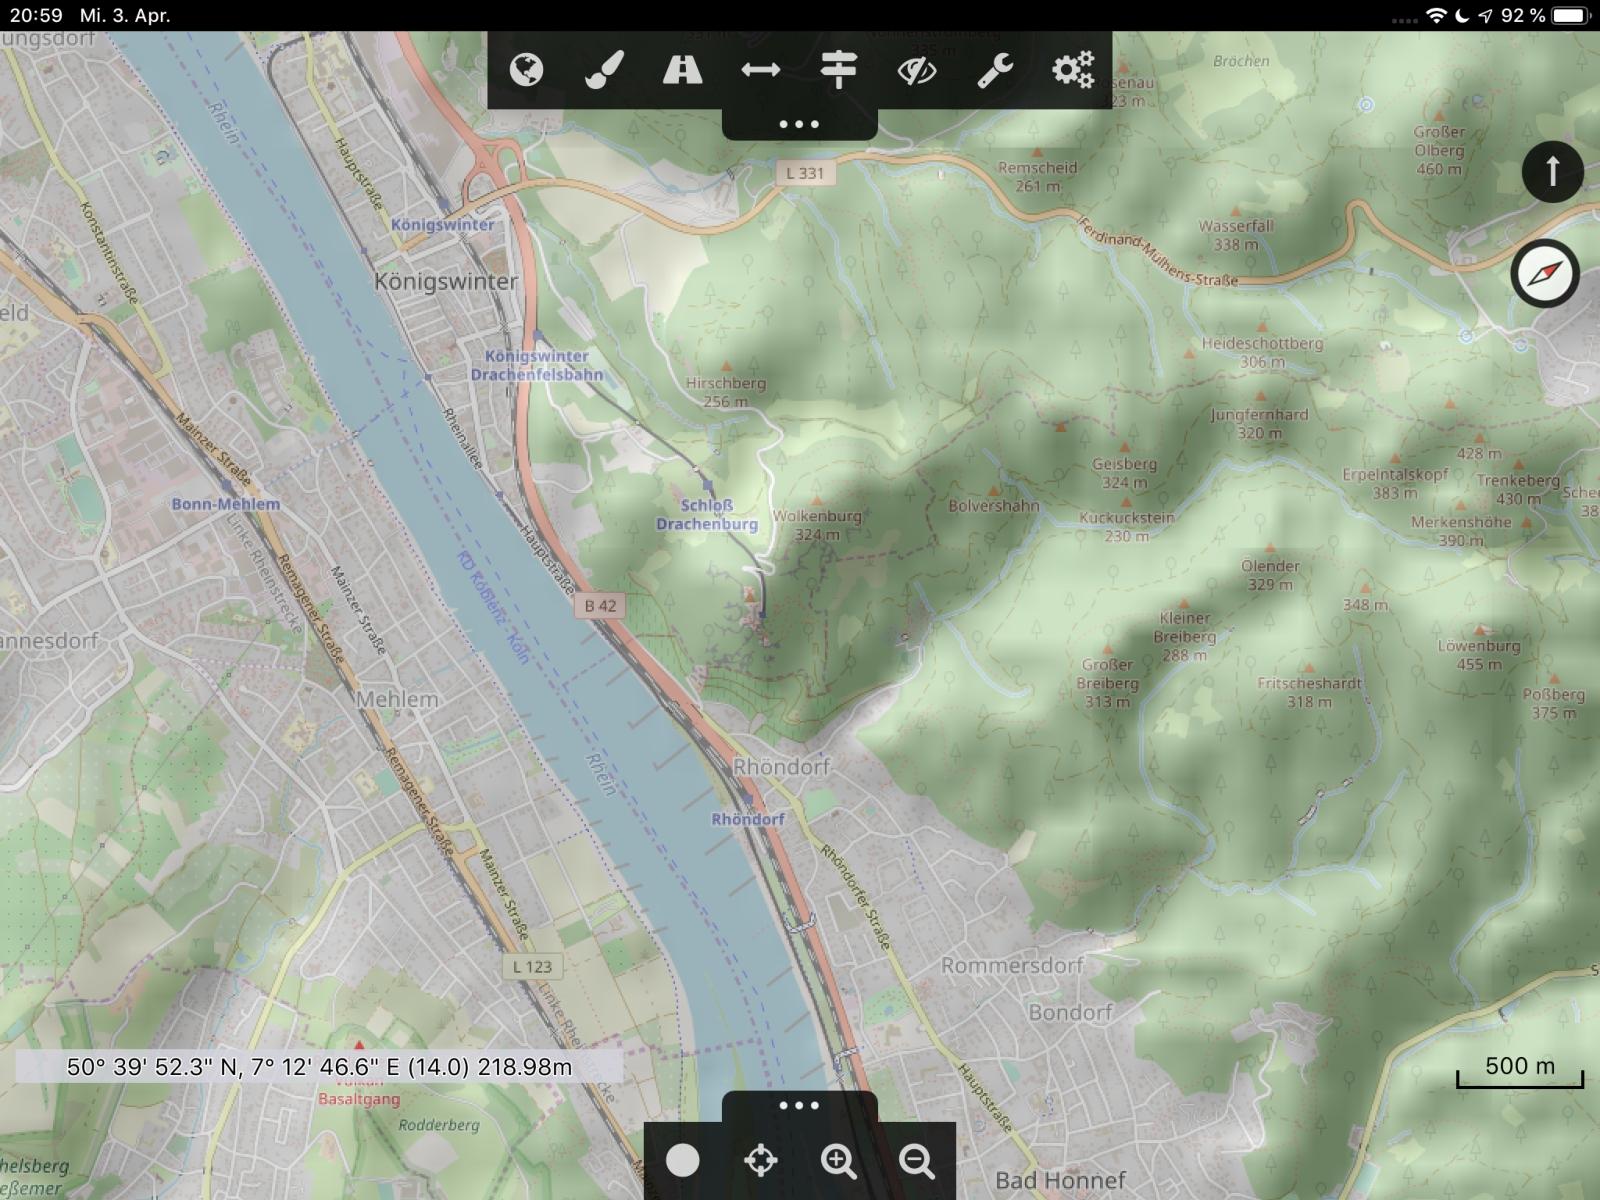 Offroad-Navi-App Cartograph - Die Cartograph-Oberfläche.